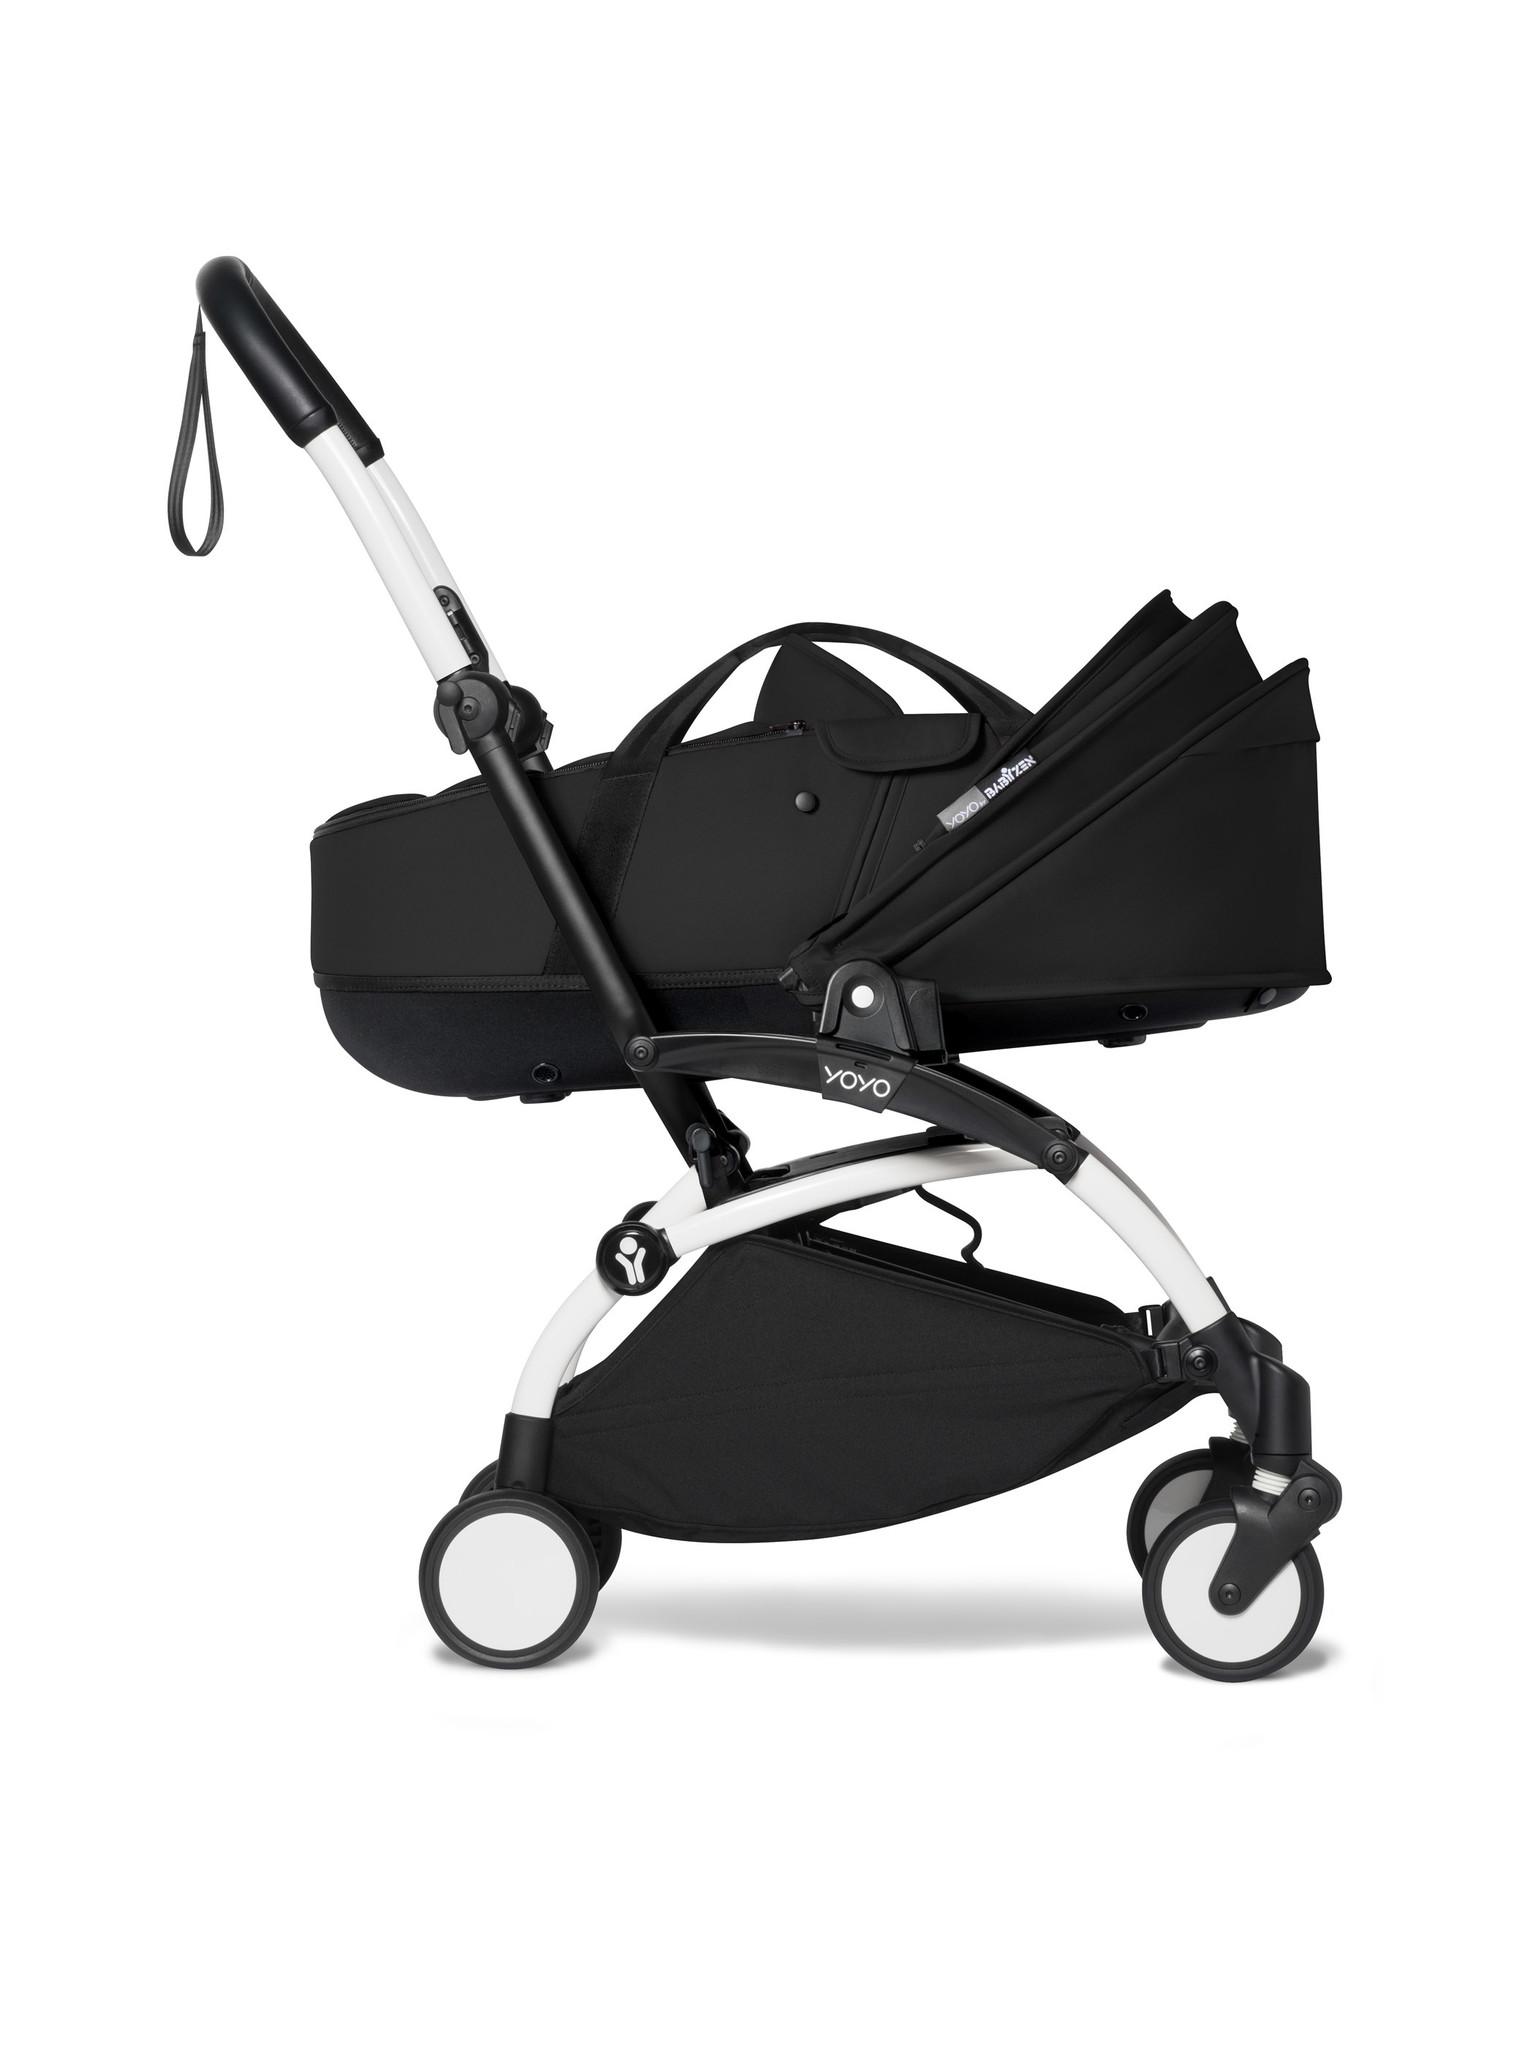 Babyzen Babyzen YOYO² weißer Rahmen mit YOYO Stubenwagen - Tragetasche 0+ und Colorpack 6+ - Schwarz inkl. YOYO Autositz von BeSafe